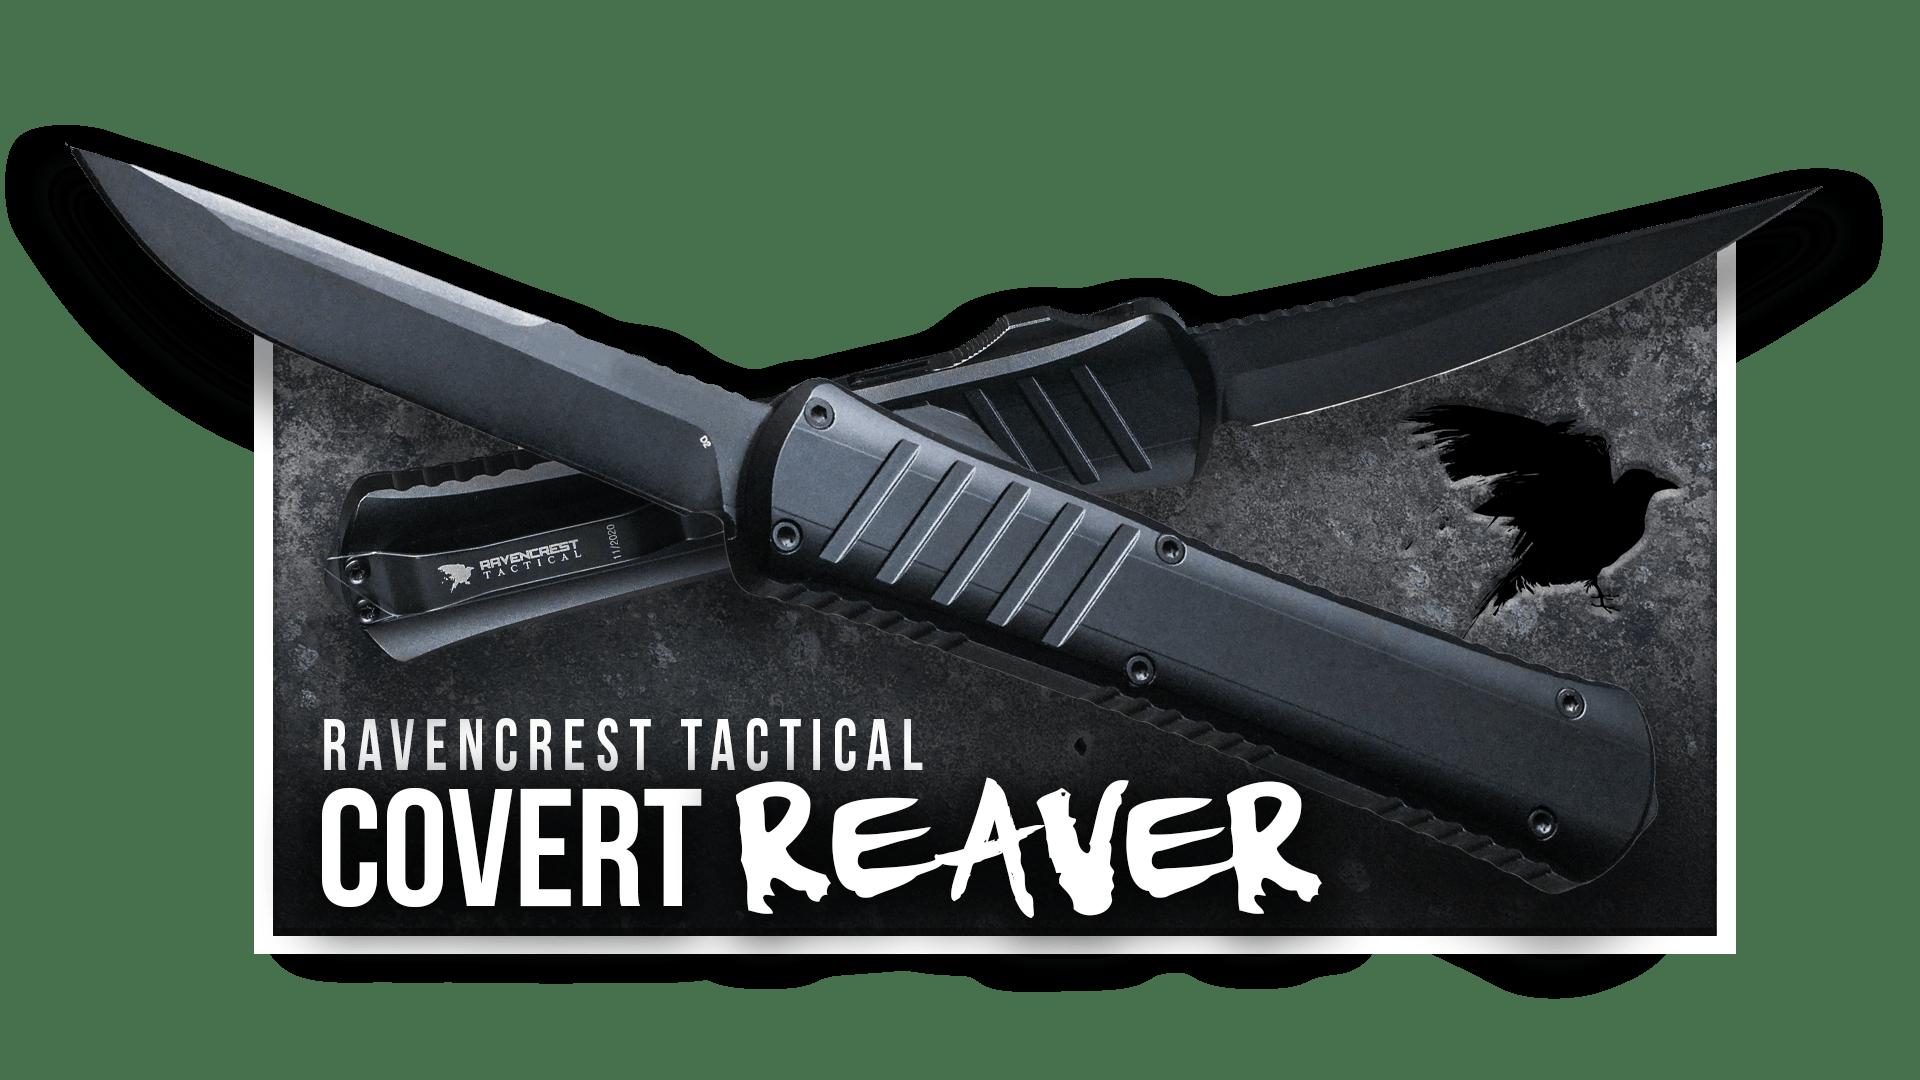 OTF Knife - Covert Reaver - RavenCrest Tactical